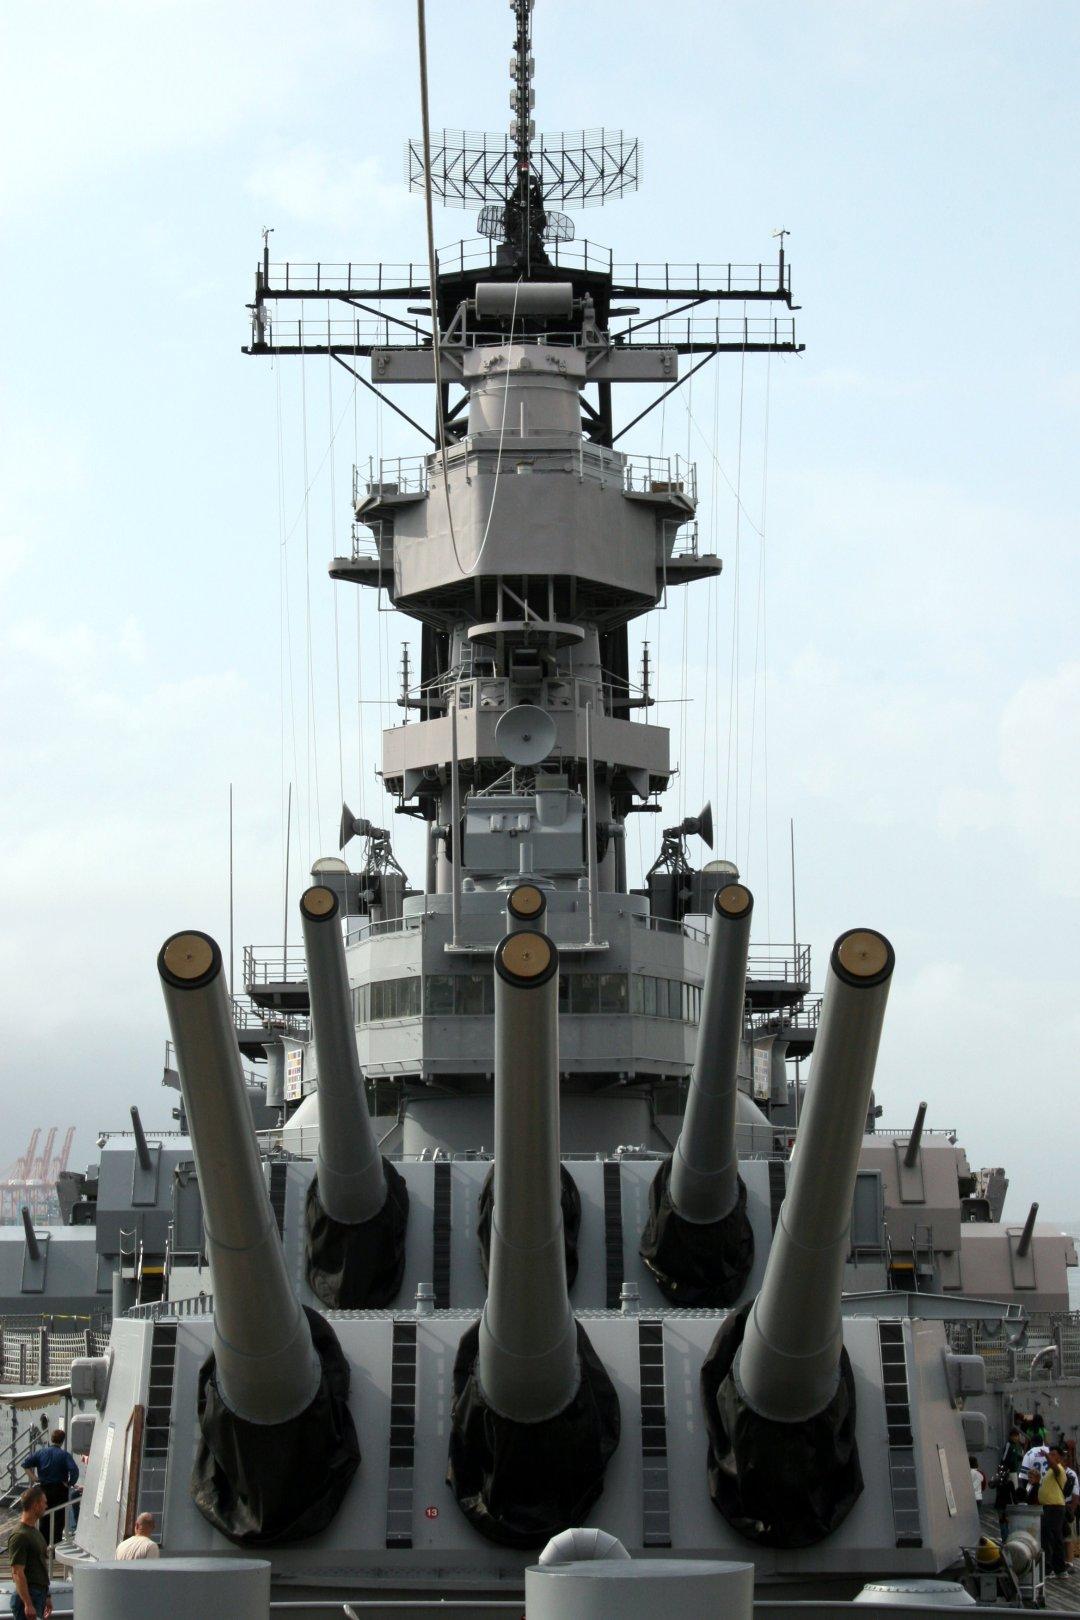 battleship-guns-1187641